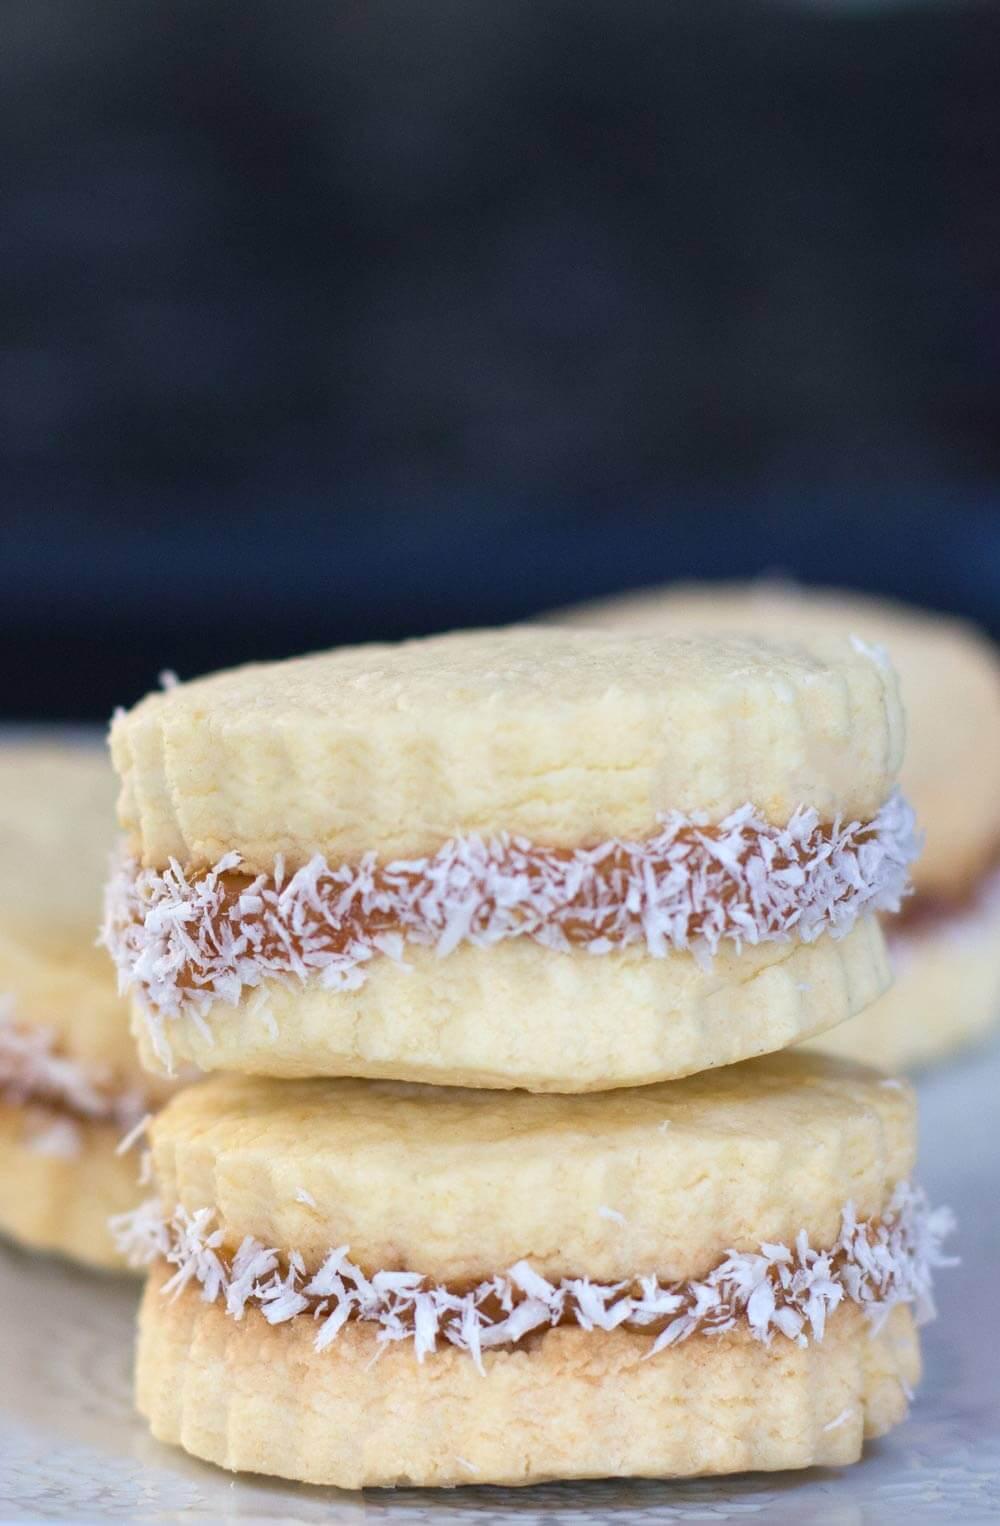 a pile of alfajores or dulce de leche sandwich cookies